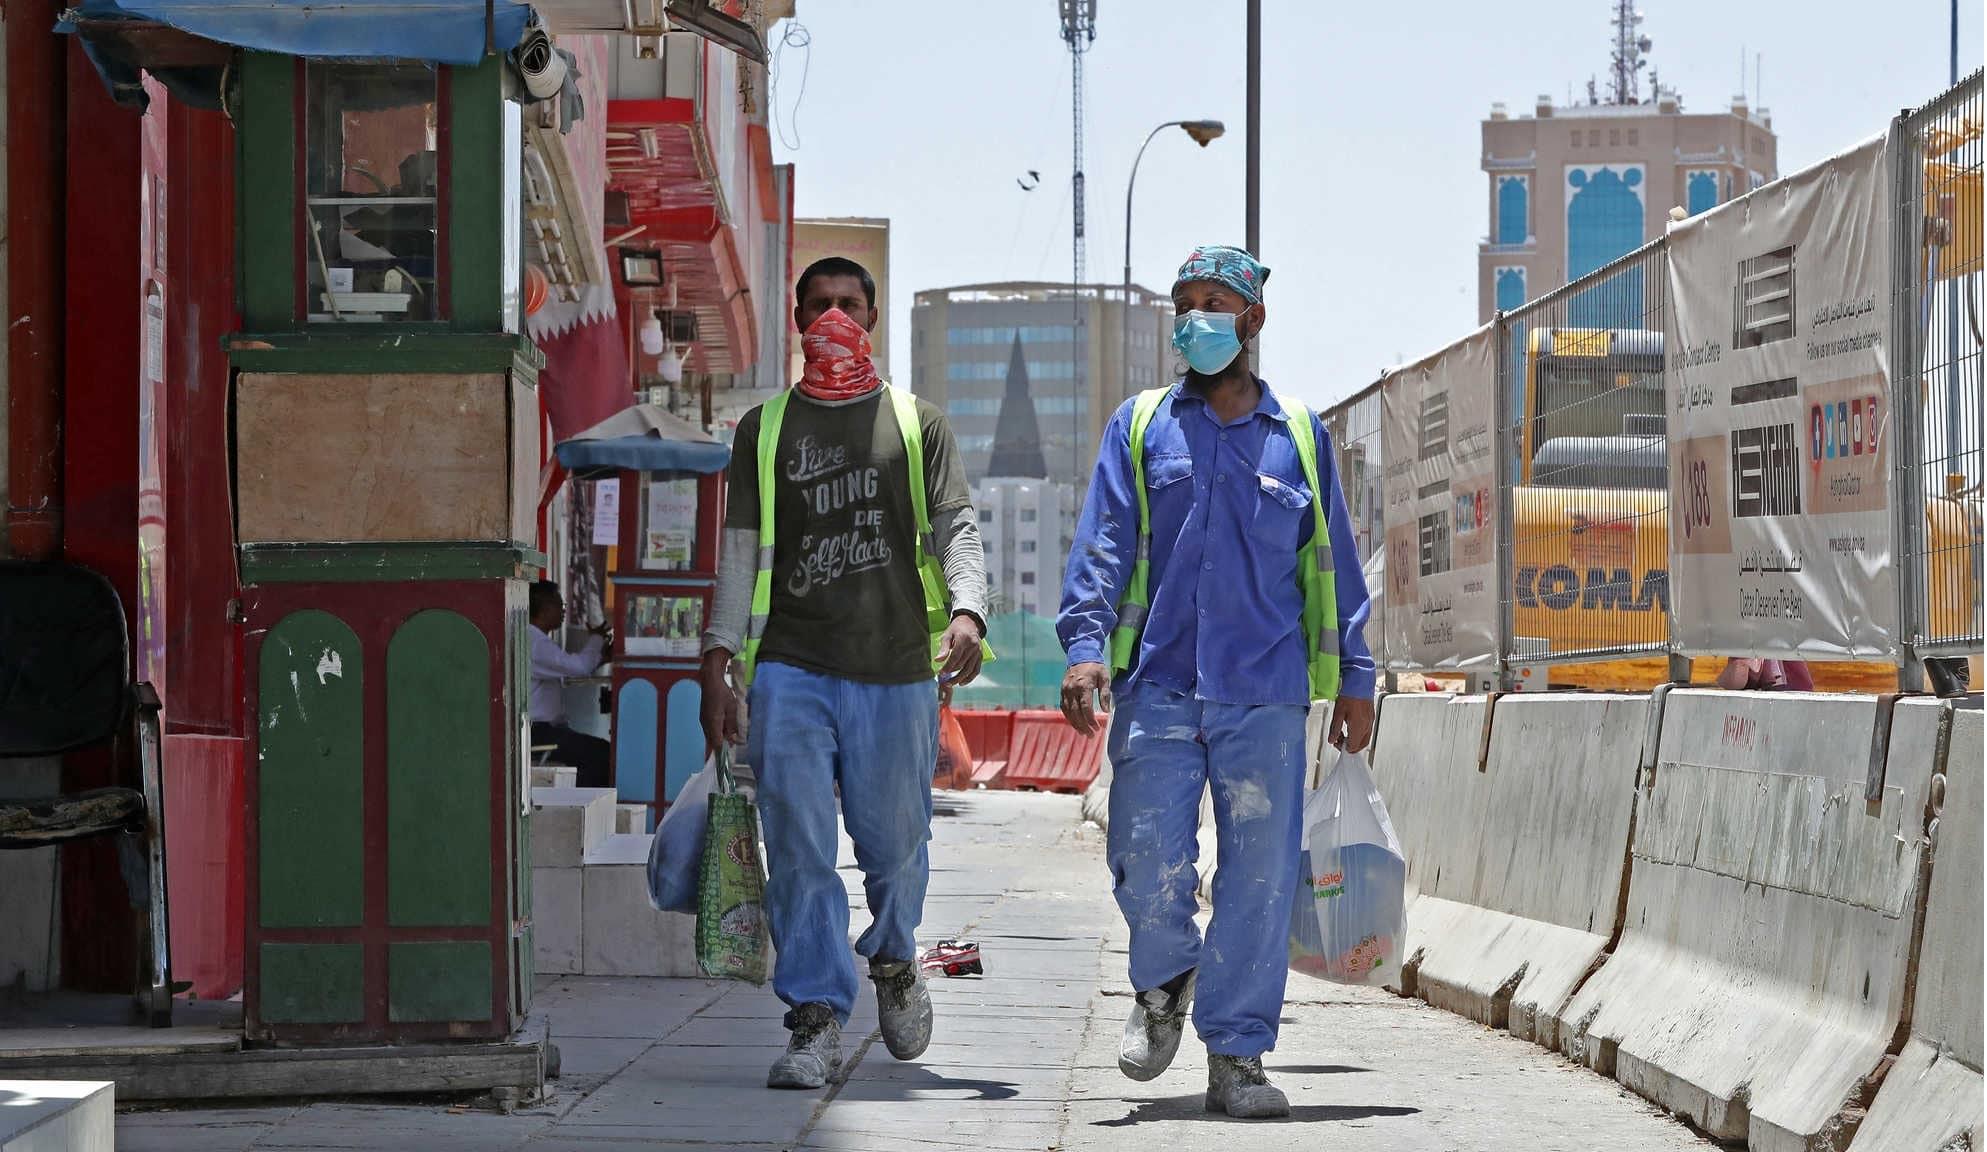 قطر تطلق سراح أجنبي تلقى أموالا خارجية مشبوهة لنشر معلومات مضللة وترحله بعد تغريمه